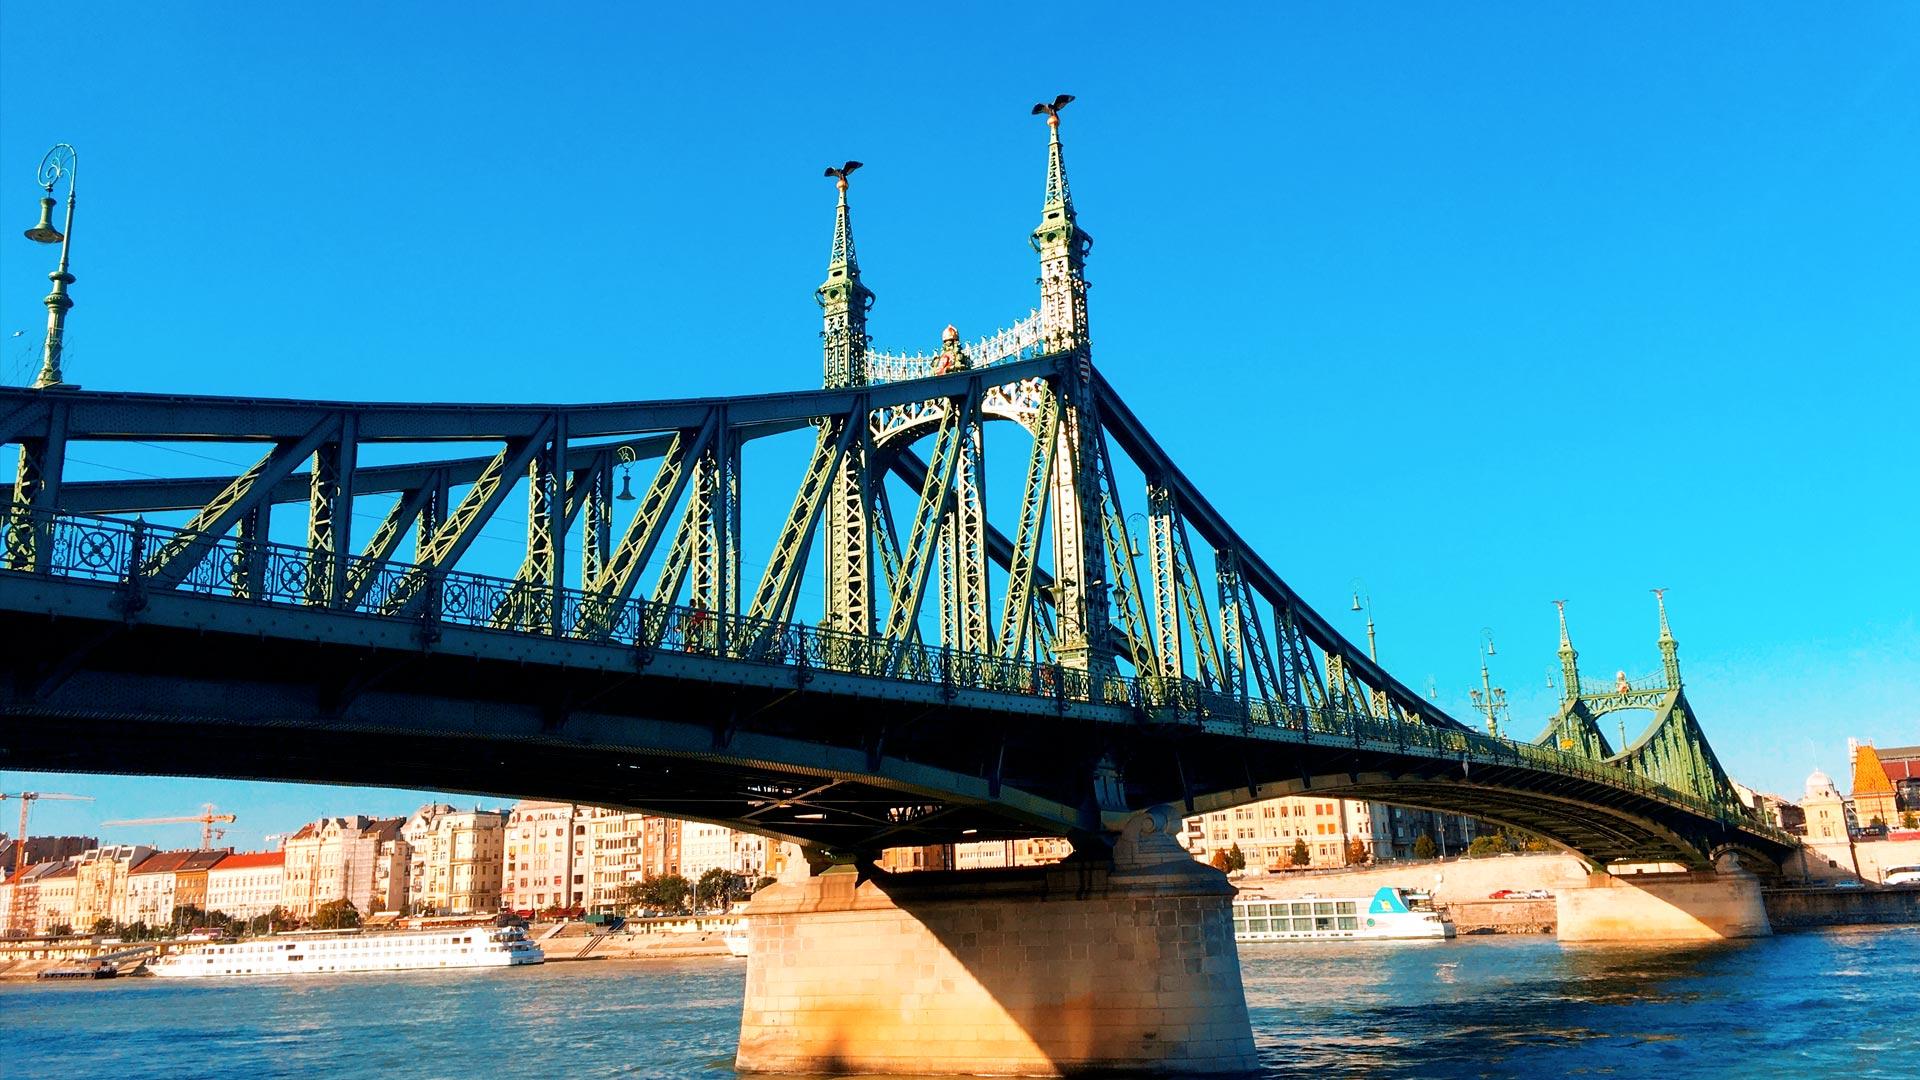 Jaka rzeka płynie przez Budapeszt? Rzeka w Budapeszcie